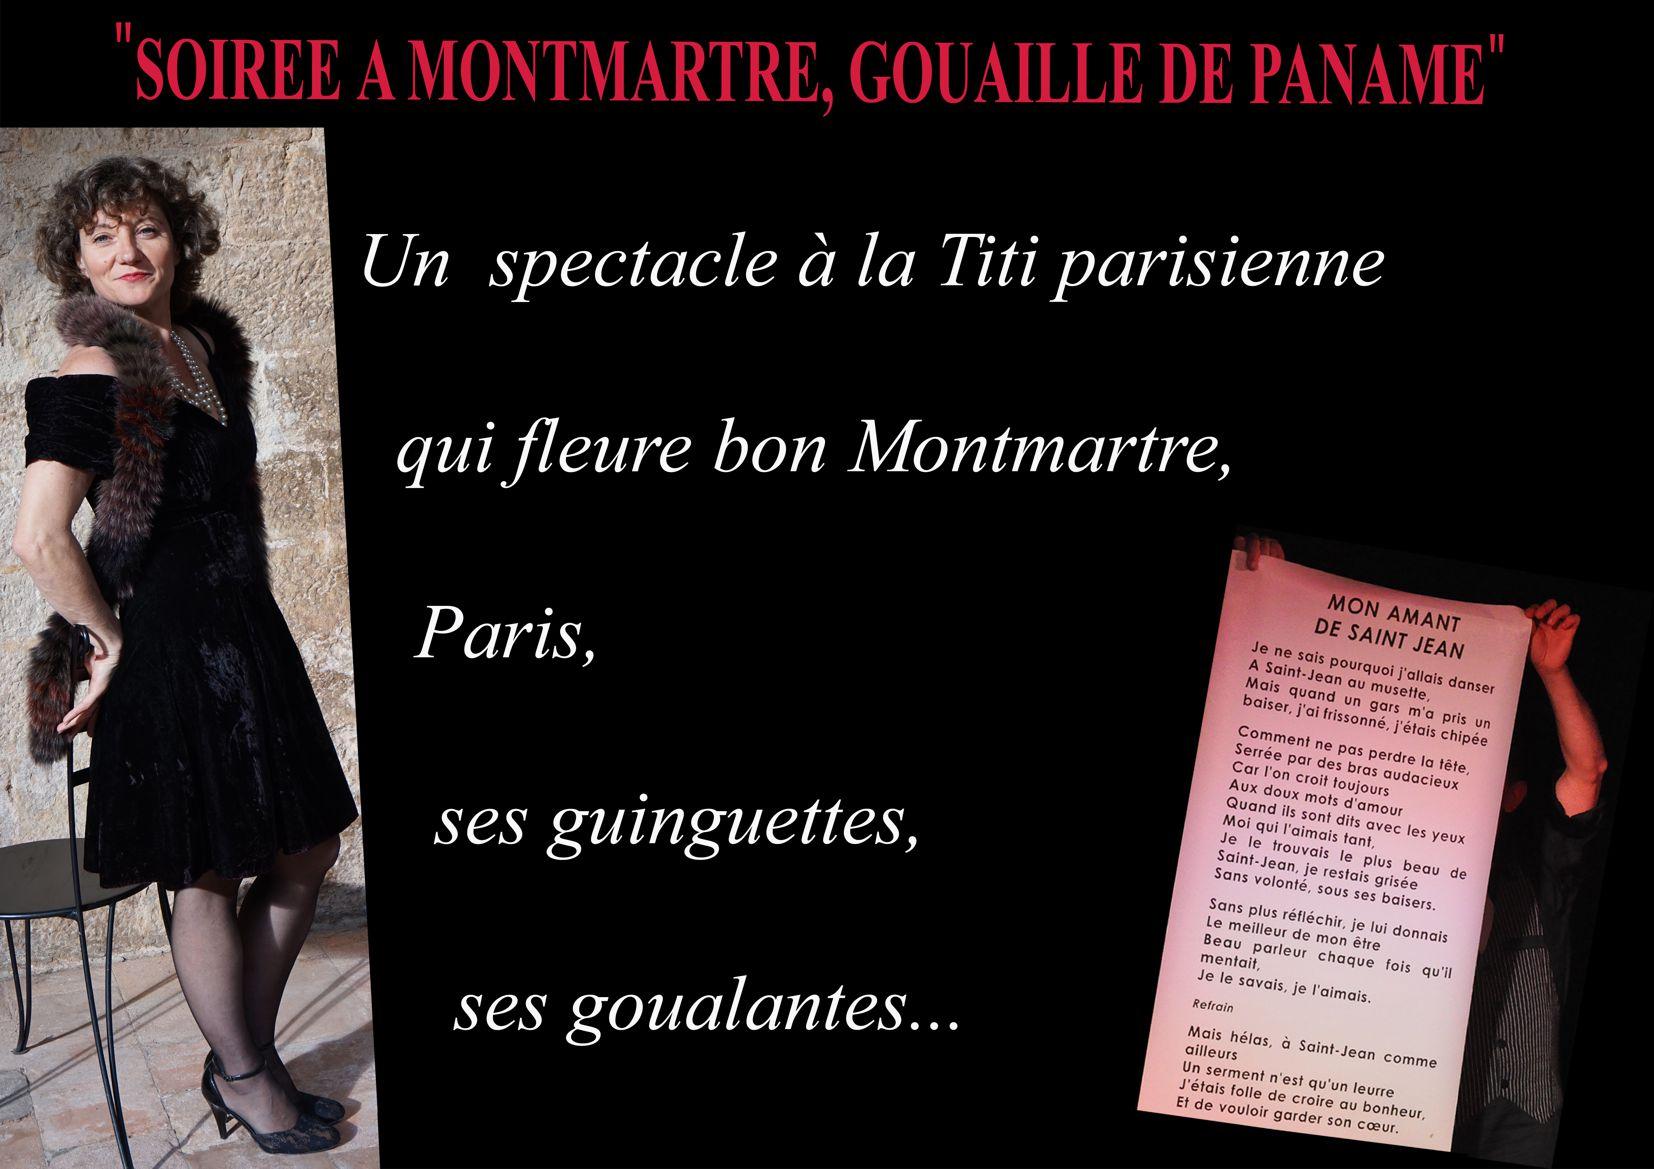 SOIREE MONTMARTRE, GOUAILLE DE PANAME par Angelique Dessaint